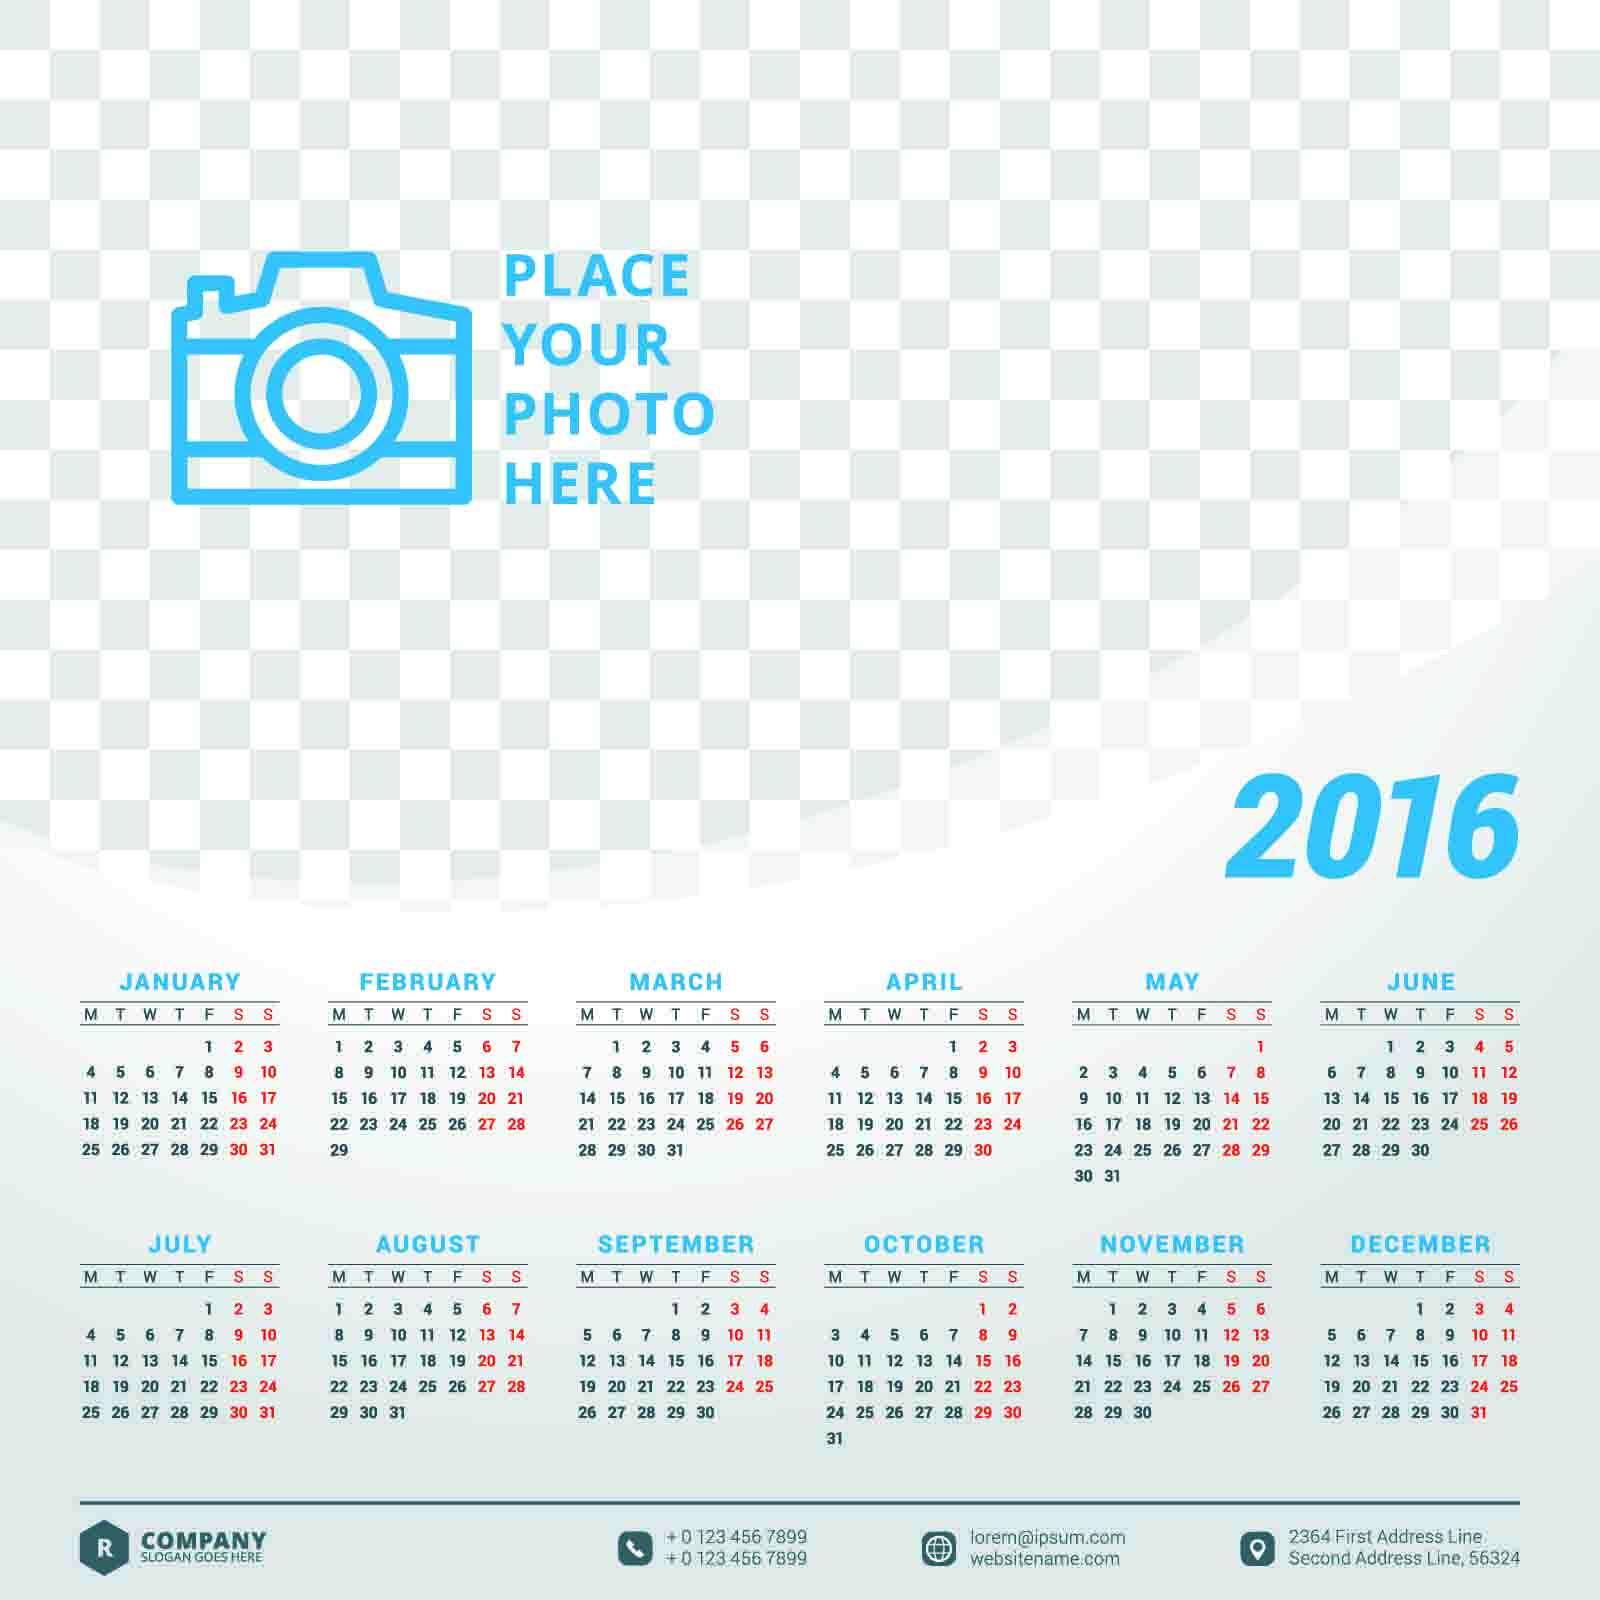 カレンダー カレンダー ダウンロード 2015 : カレンダー無料ダウンロード ...